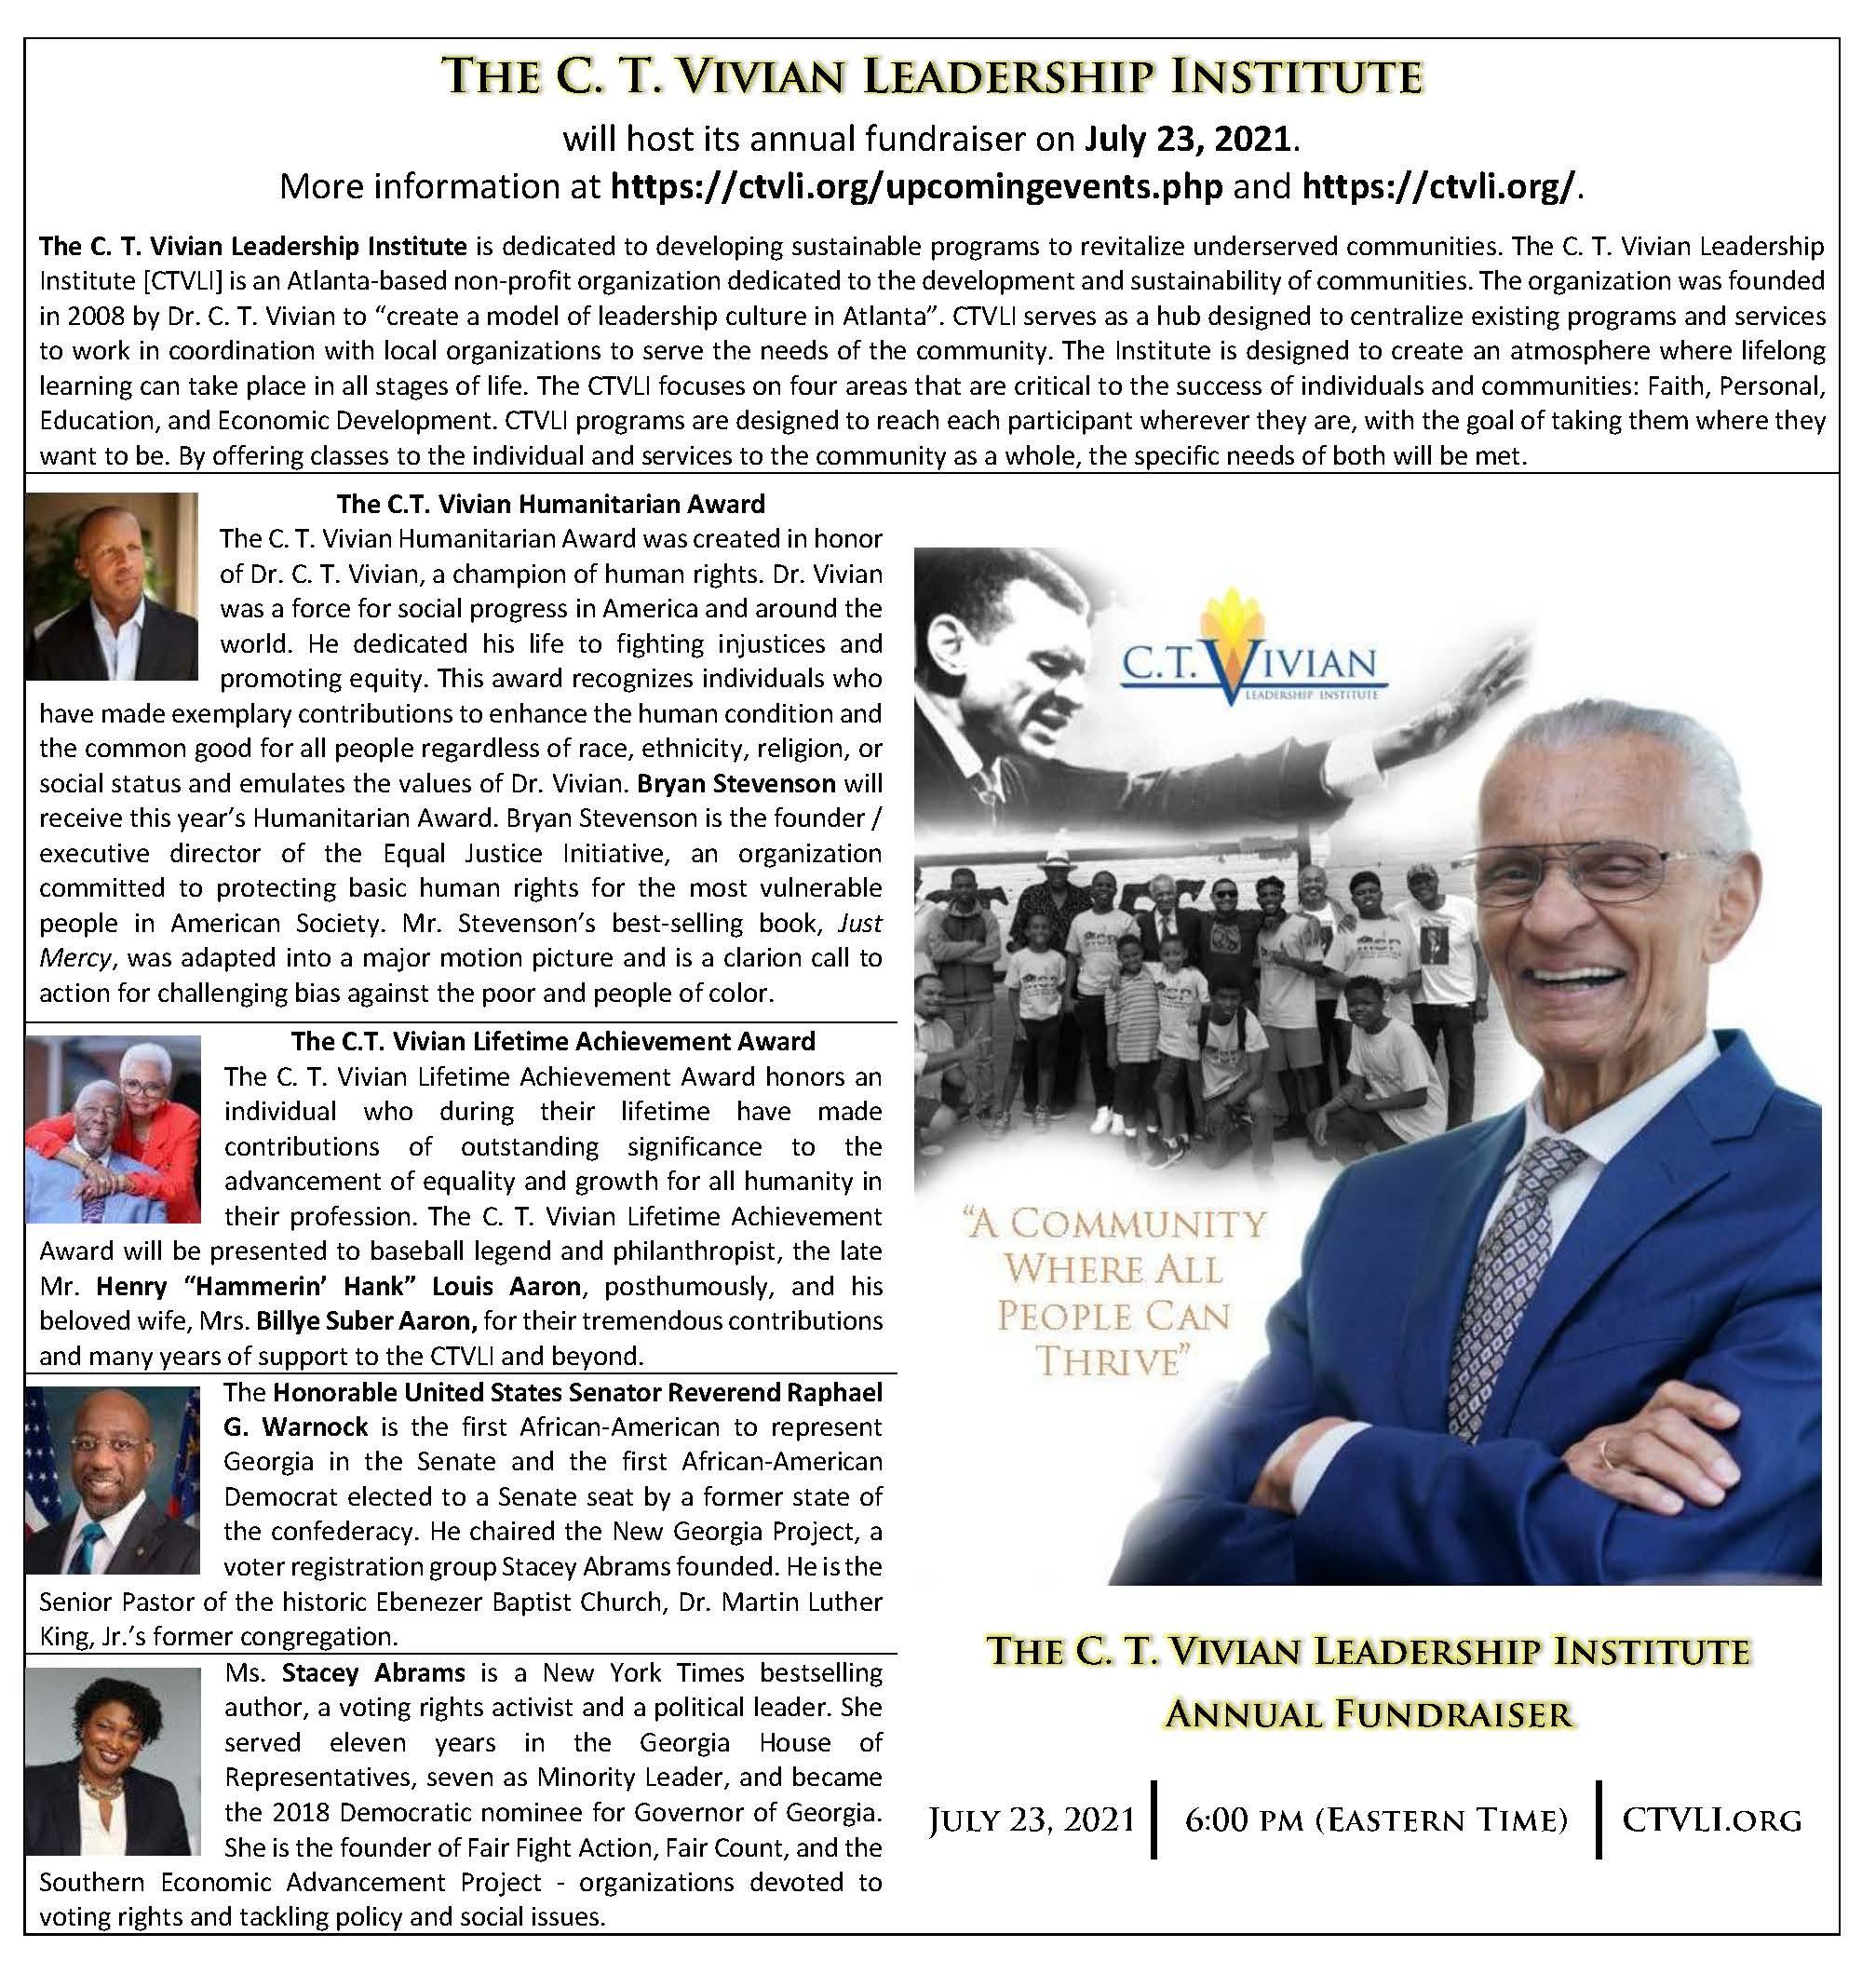 The C. T. Vivian Leadership Institute (CTVLI), 2021-07-23